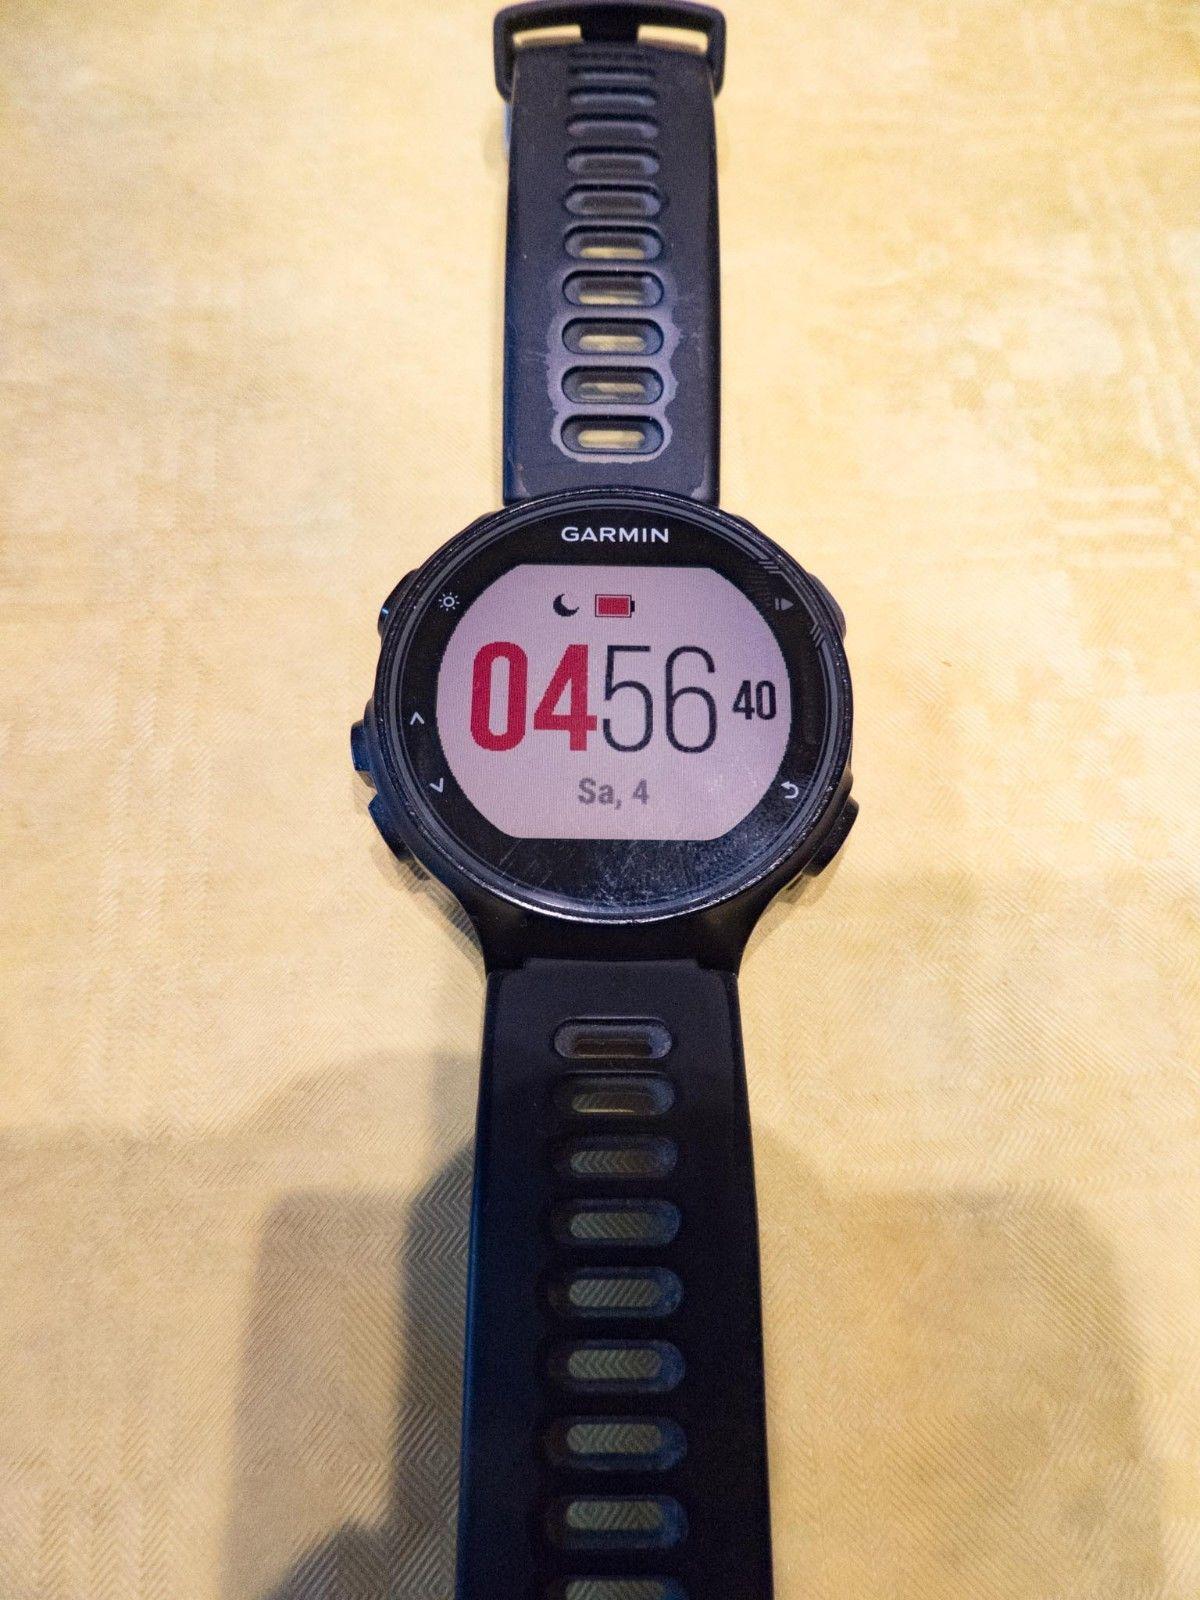 Triathlon-Uhr Garmin Forerunner 735XT